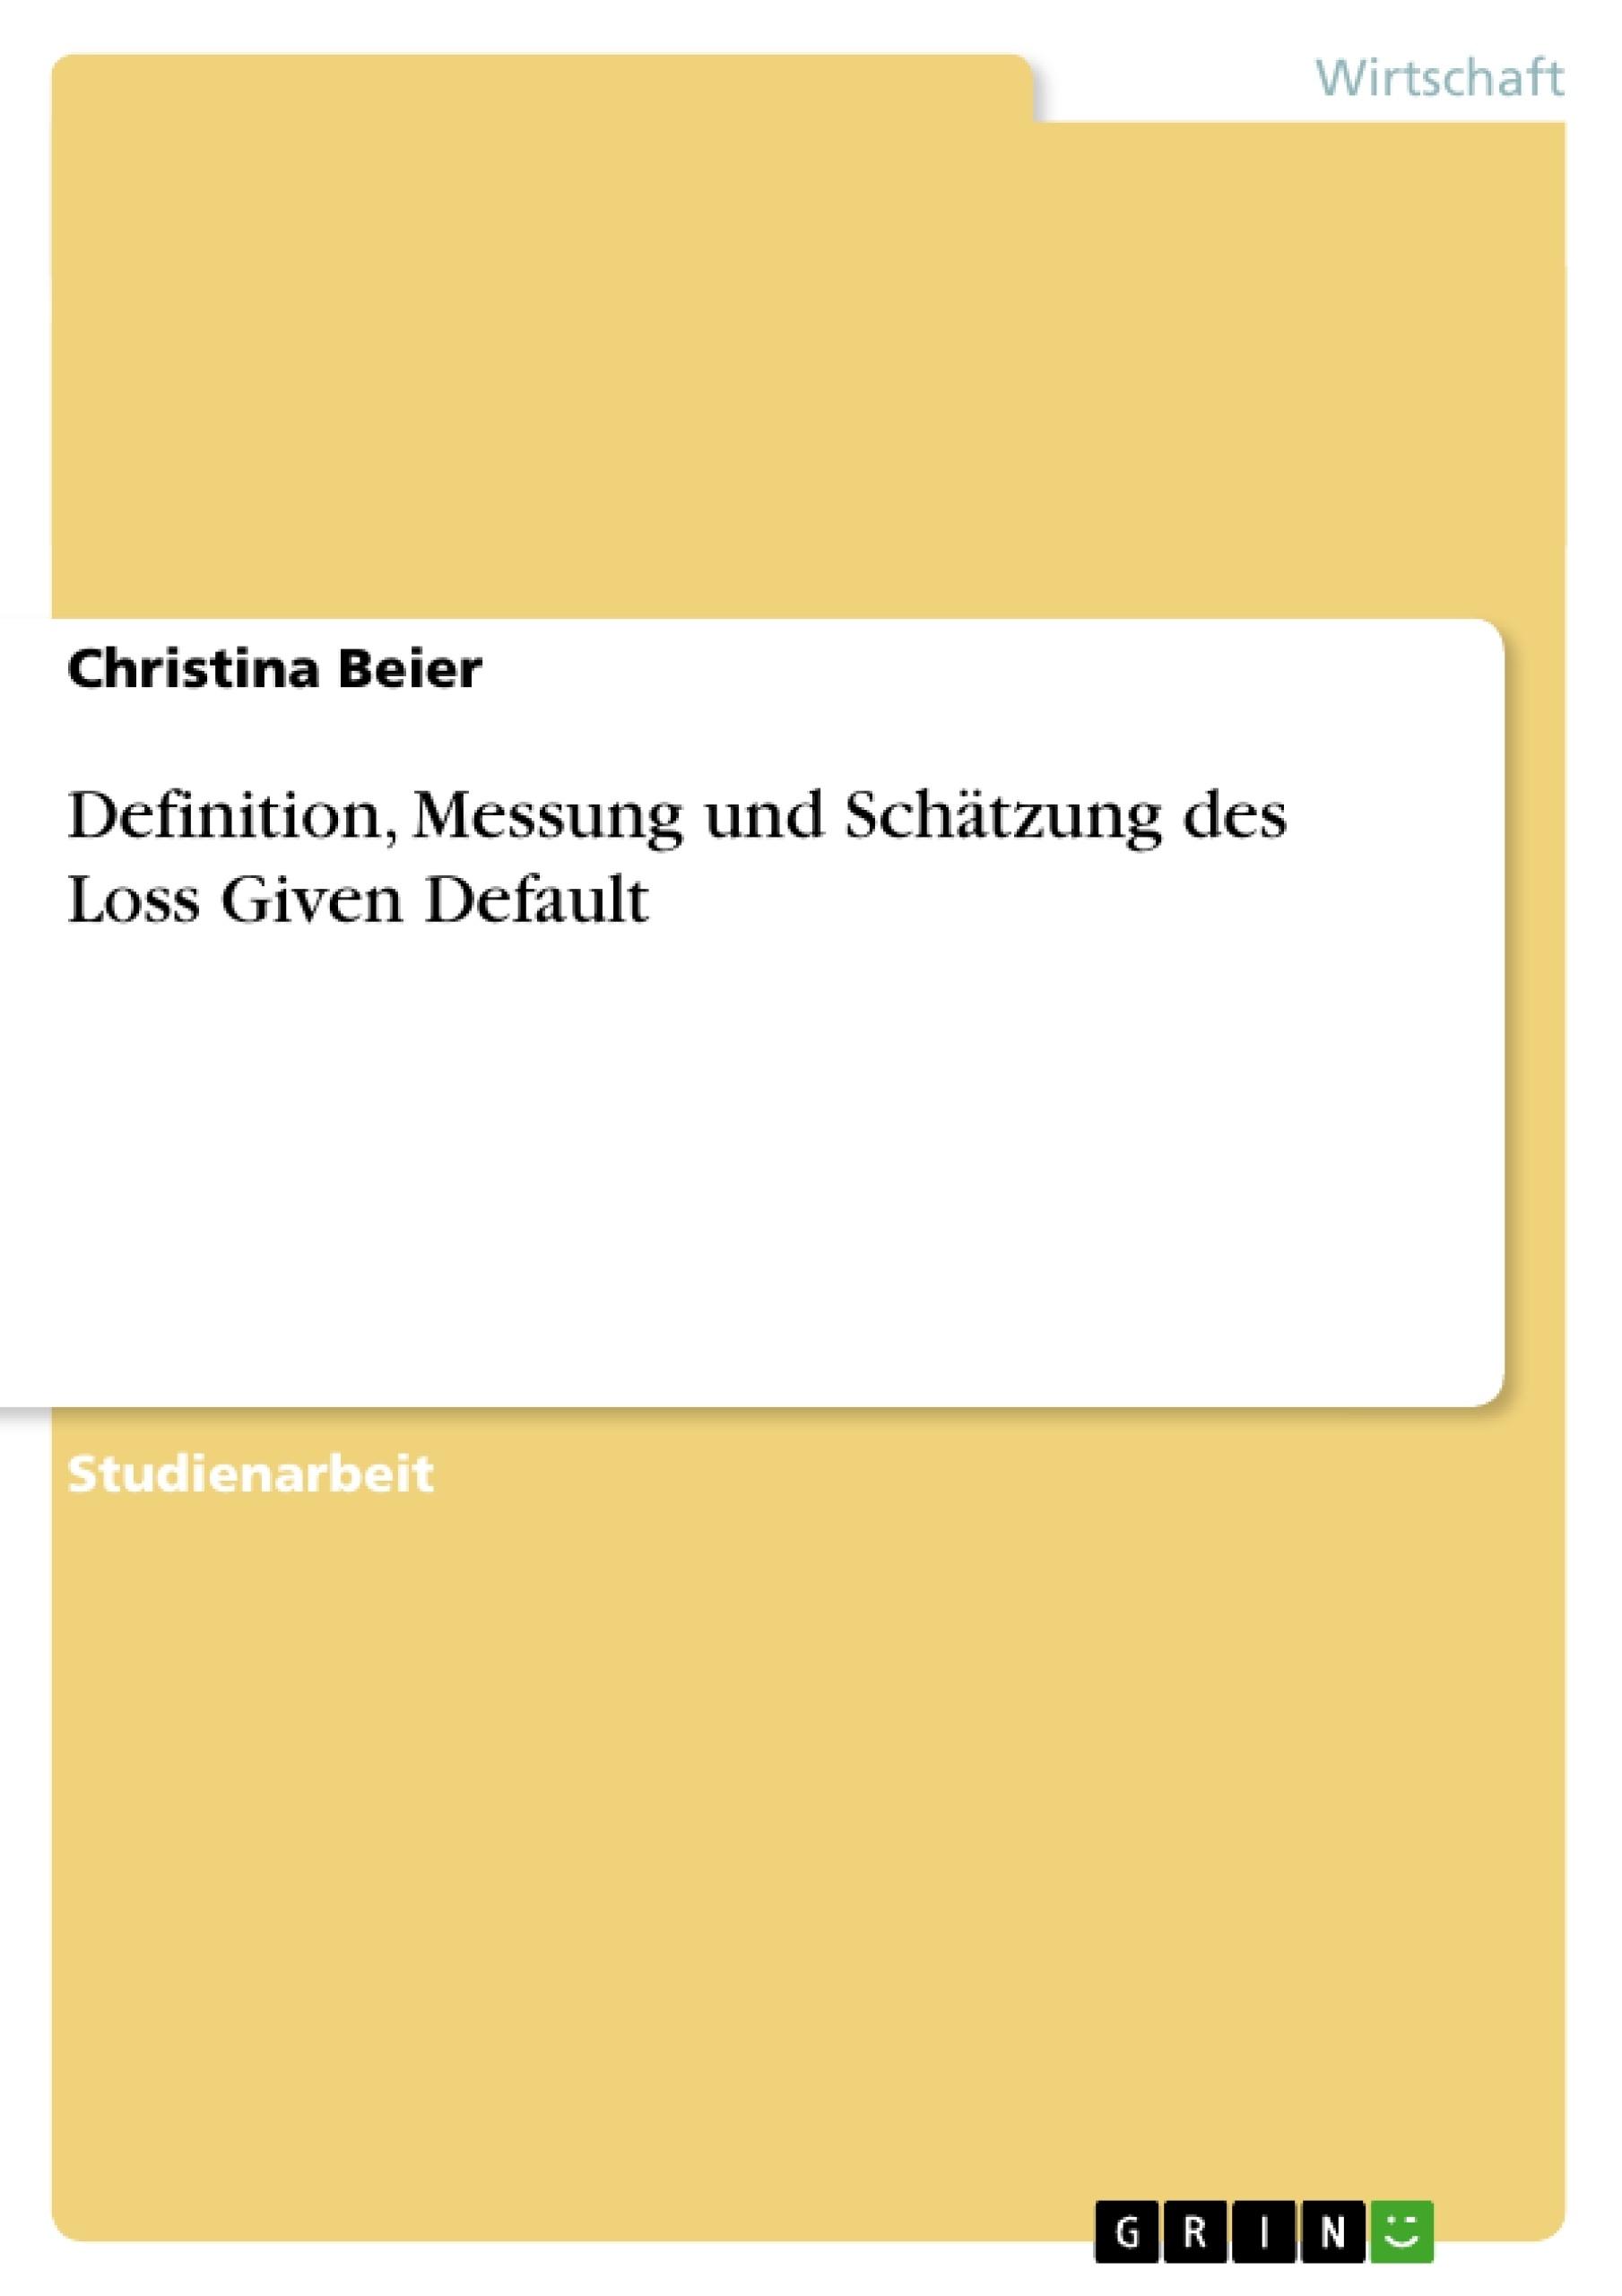 Titel: Definition, Messung und Schätzung des Loss Given Default